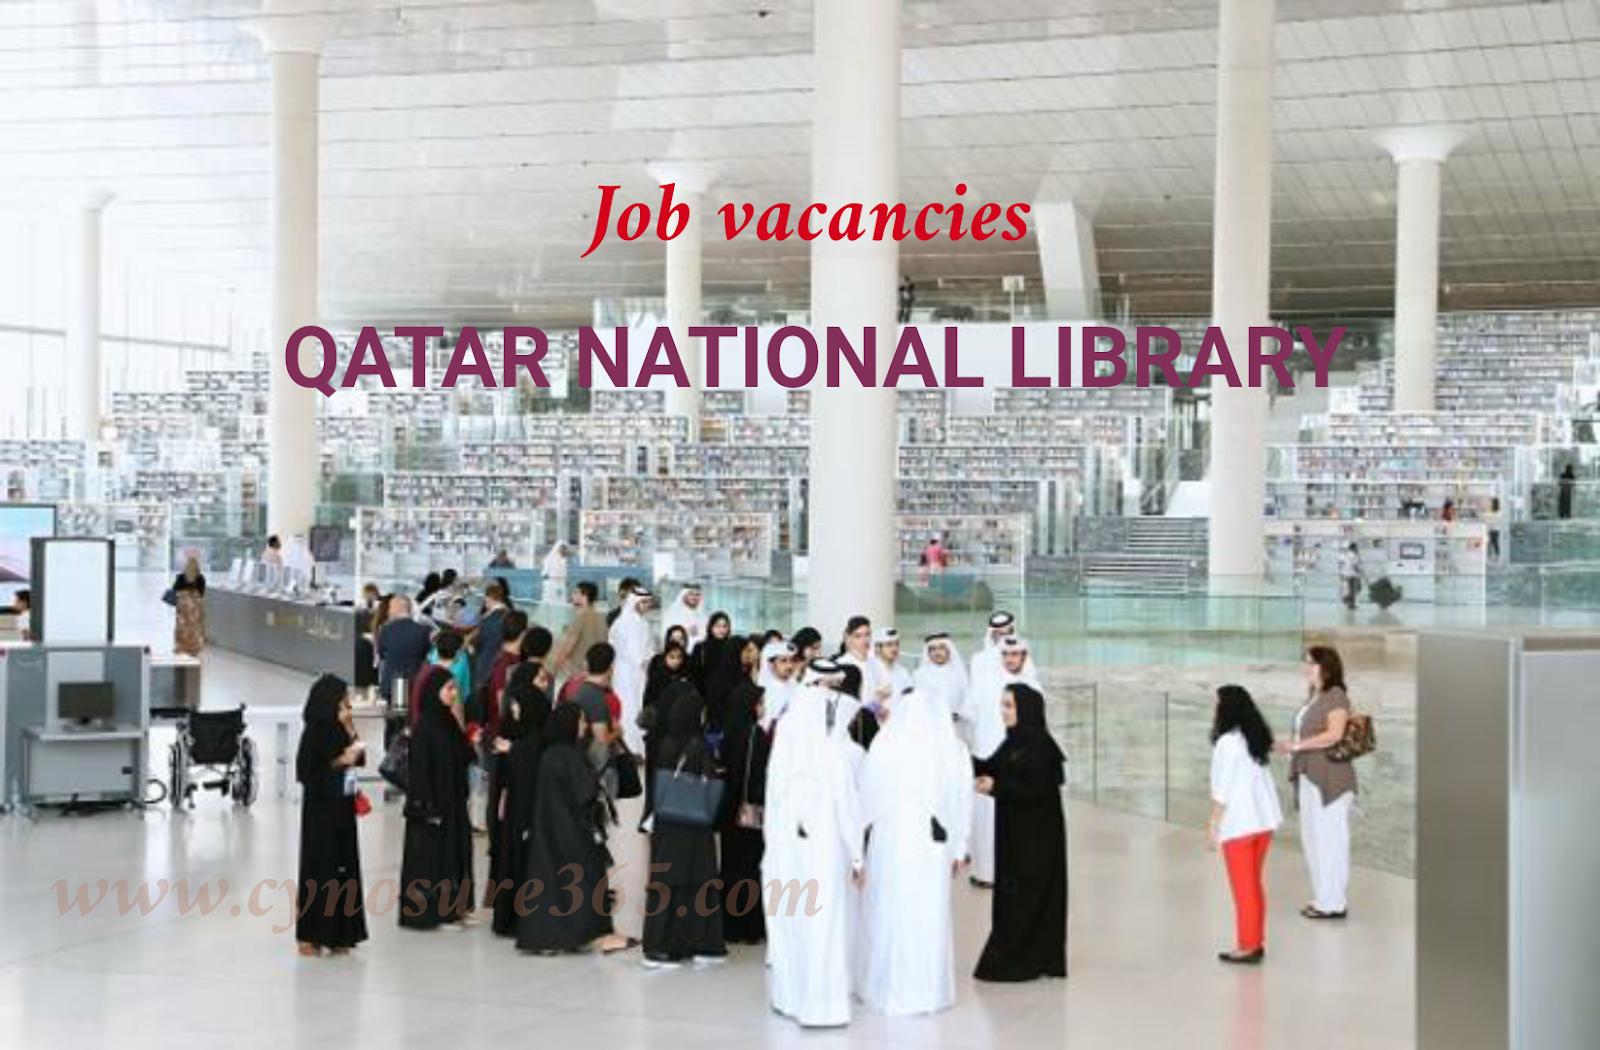 Qatar National Library Current Job Vacancies